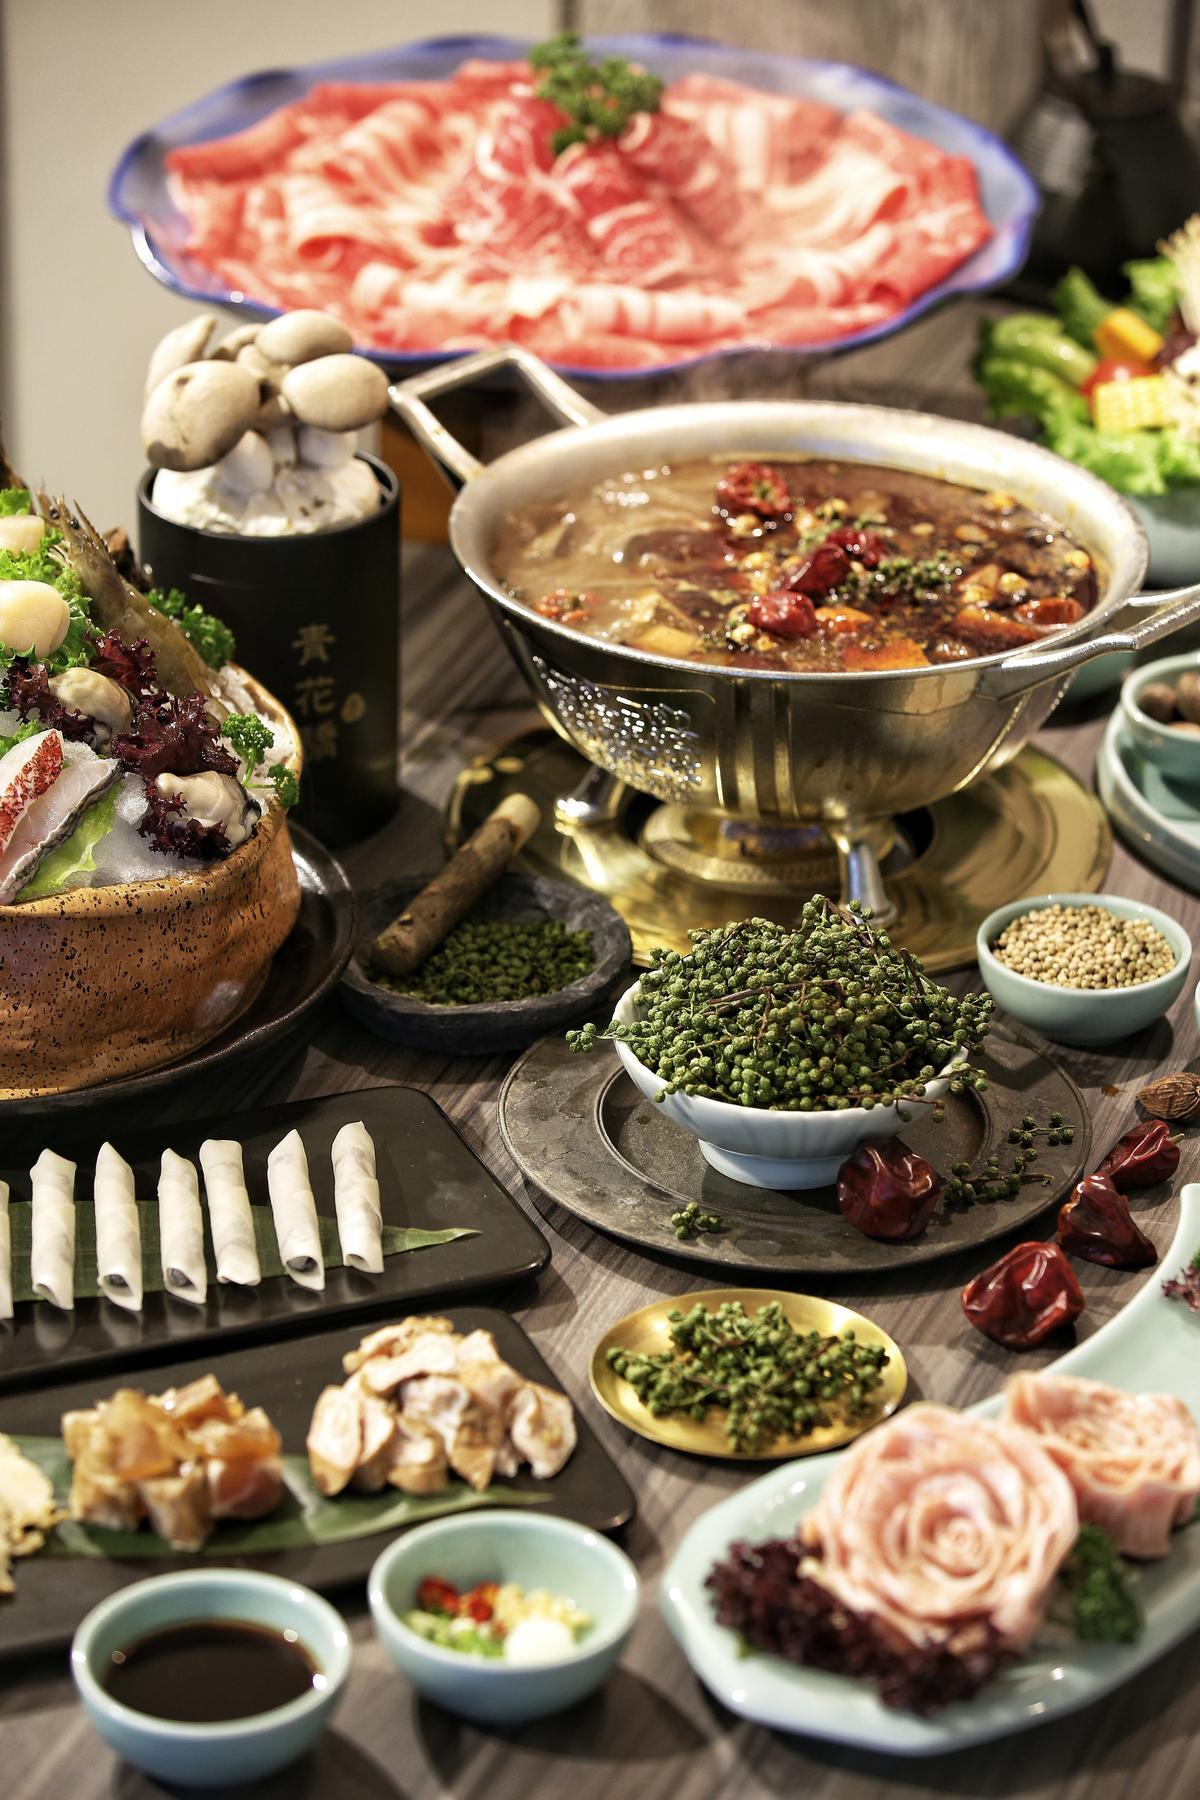 「青花驕」提供的食材、涮料種類多樣化。